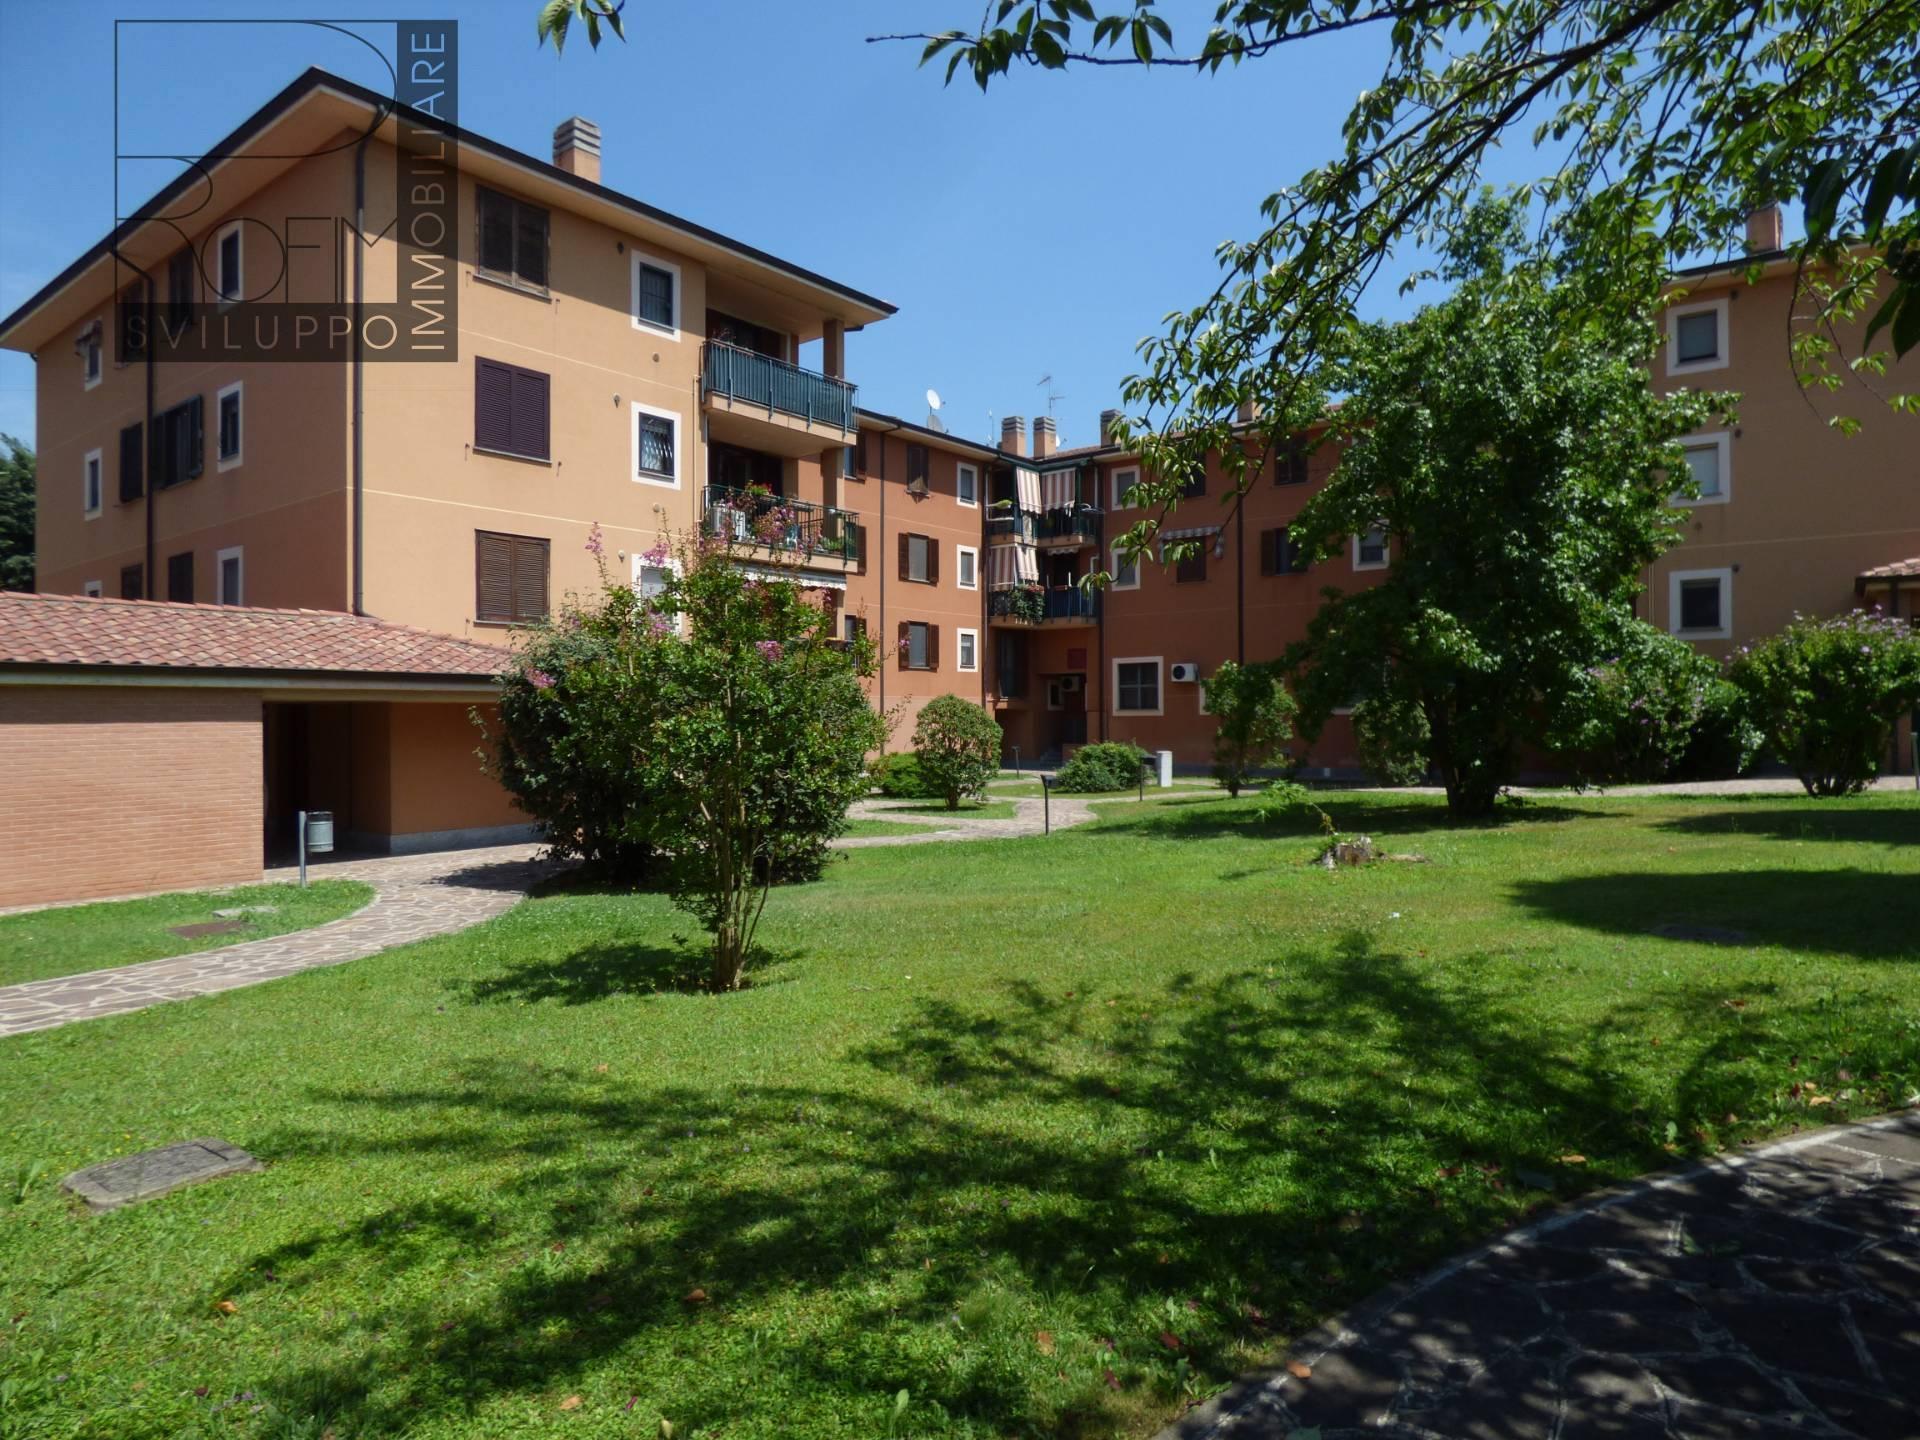 Appartamento in vendita a Tribiano, 3 locali, prezzo € 170.000 | CambioCasa.it